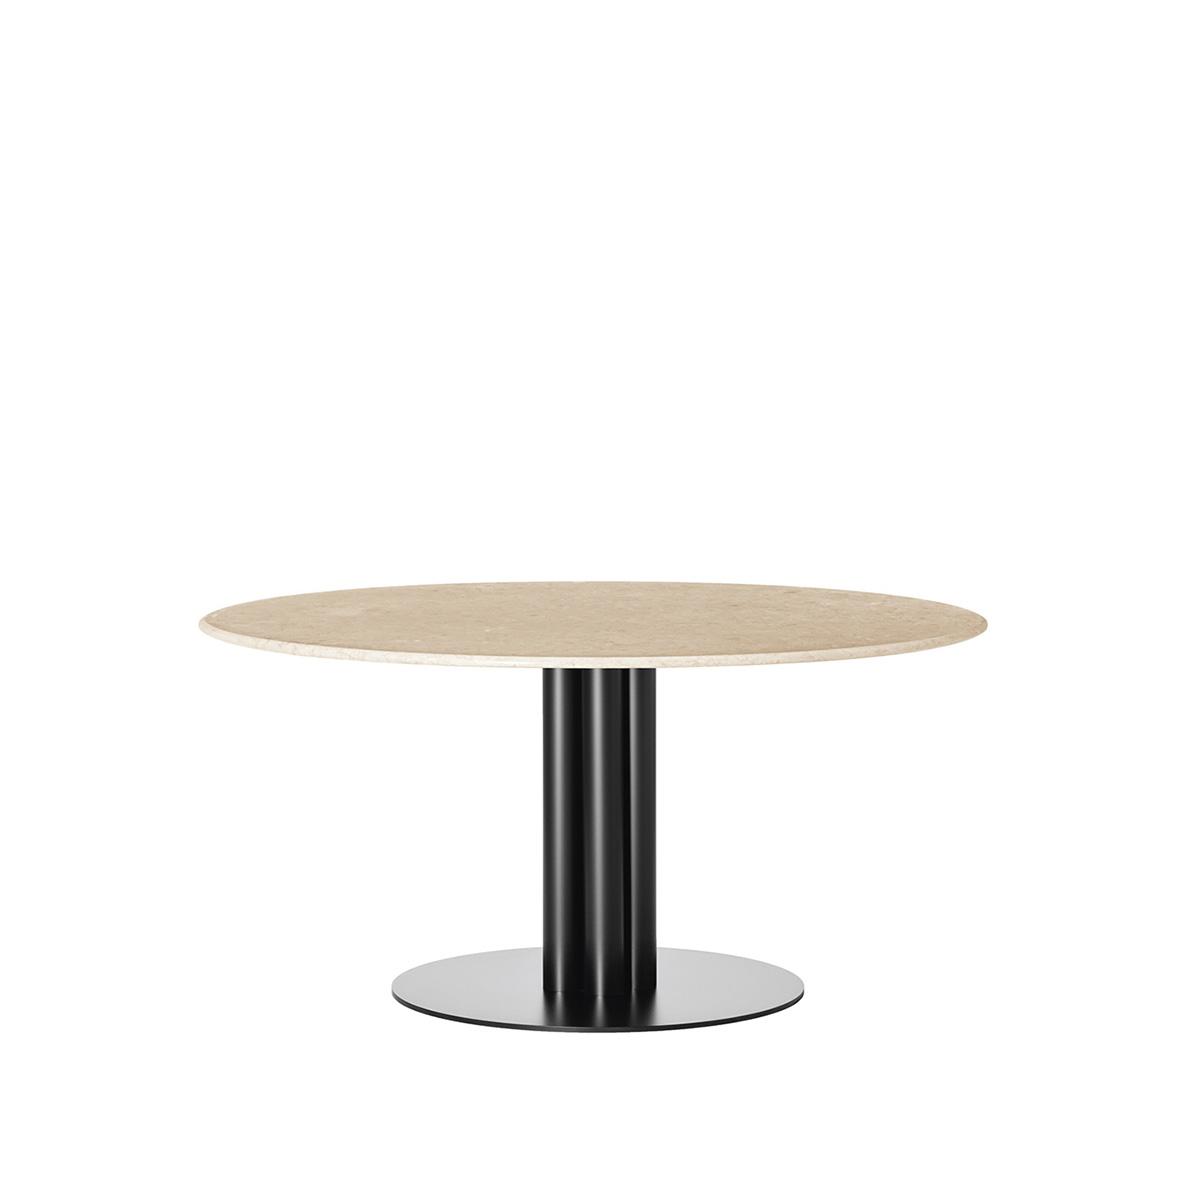 Sofabord Round About Ø90 Beige